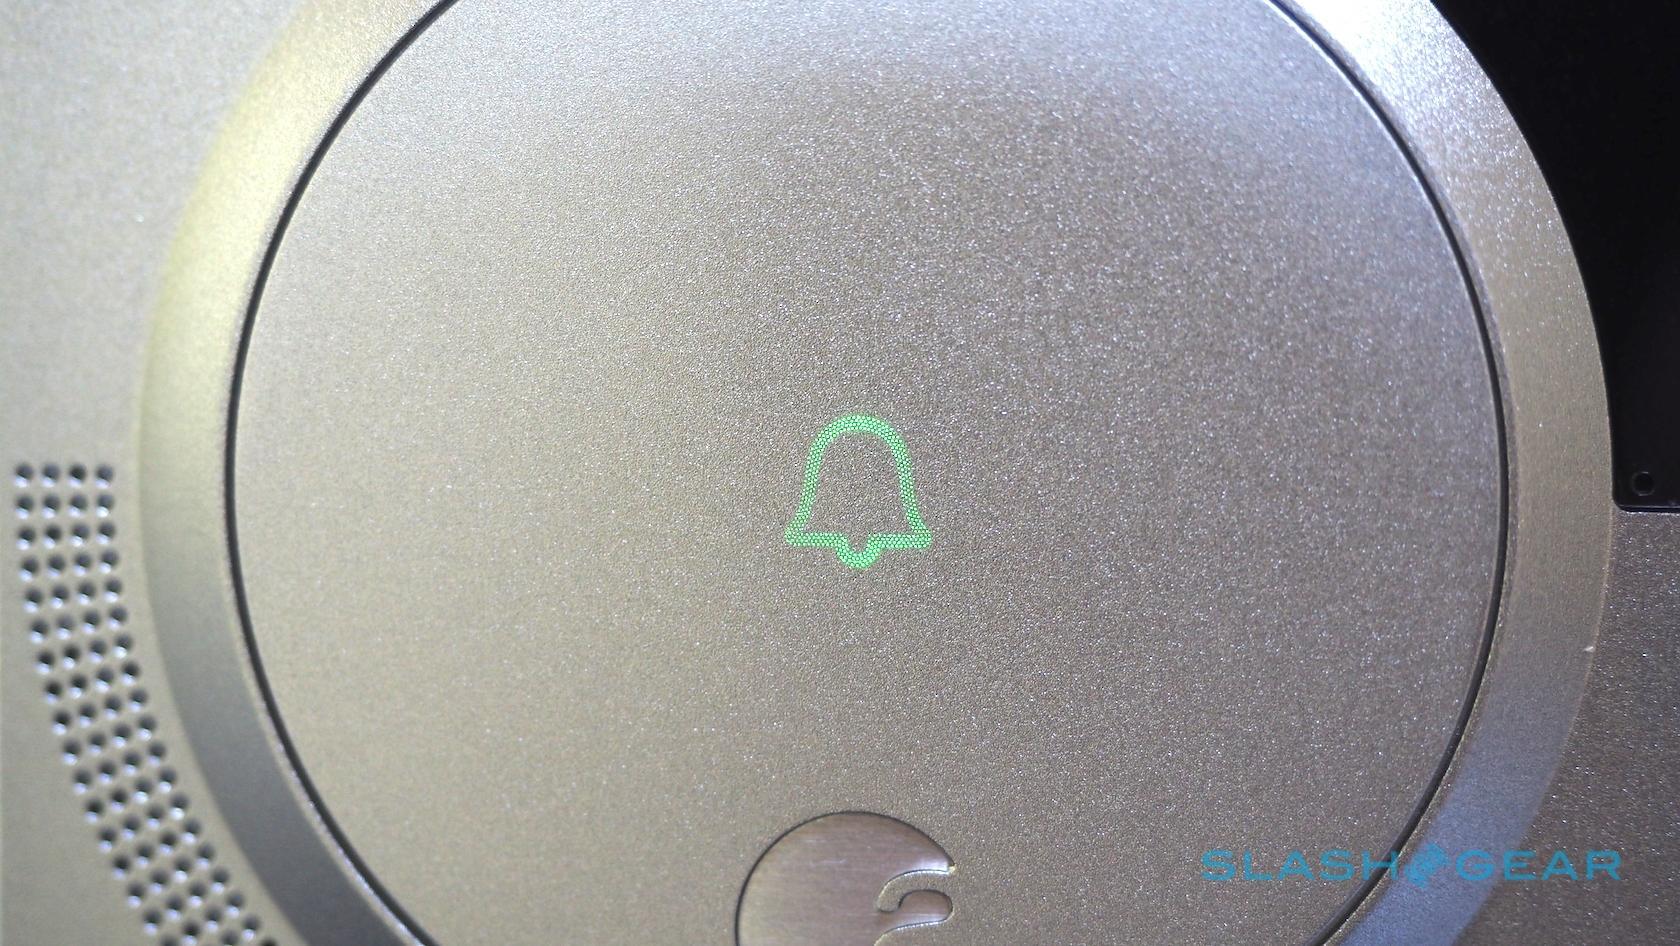 august-doorbell-cam-review-5